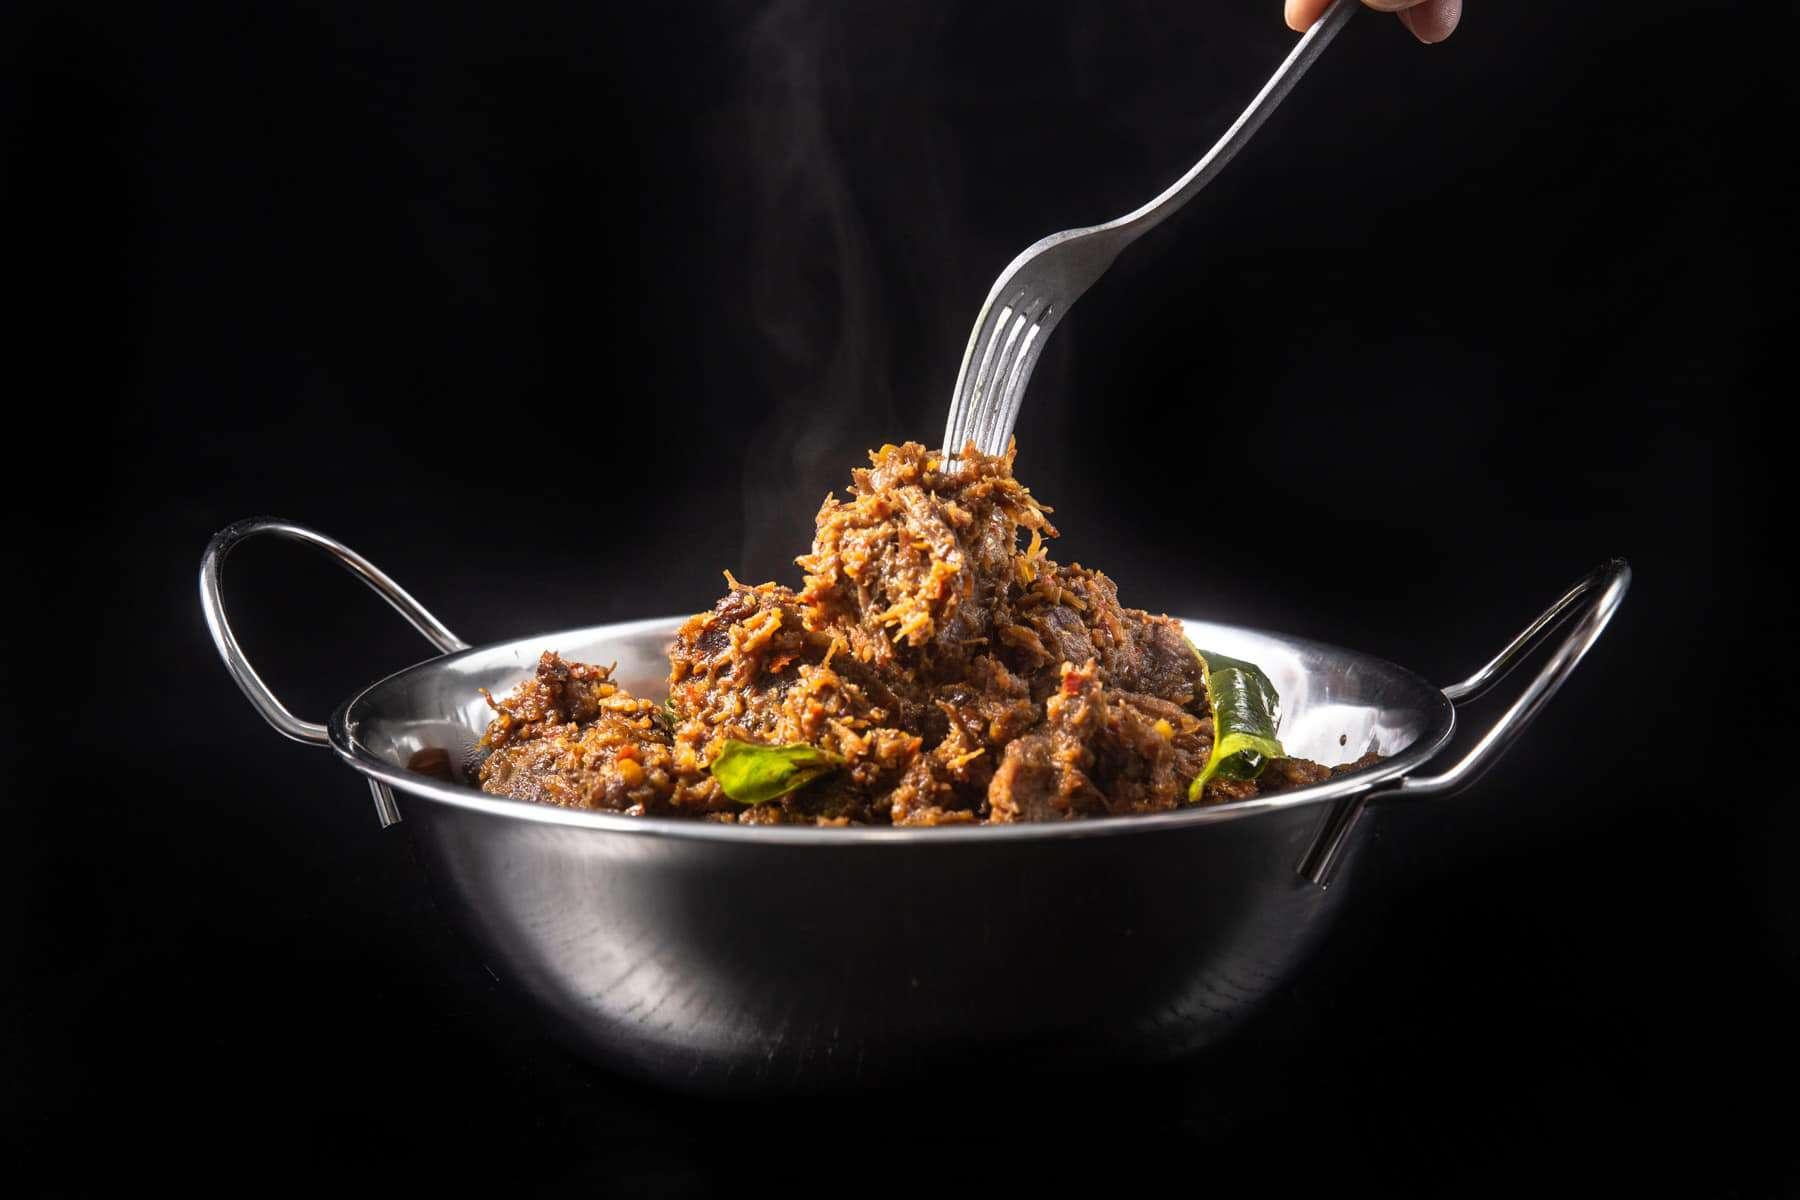 Instant Pot Beef Rendang   Pressure Cooker Beef Rendang   Instant Pot Rendang   Pressure Cooker Rendang   Indonesian Beef Curry   Easy Beef Rendang   Authentic Beef Rendang   Indonesian Beef Recipes   Indonesian Rendang Recipe   Best Beef Rendang #AmyJacky #InstantPot #PressureCooker #recipe #asian #beef